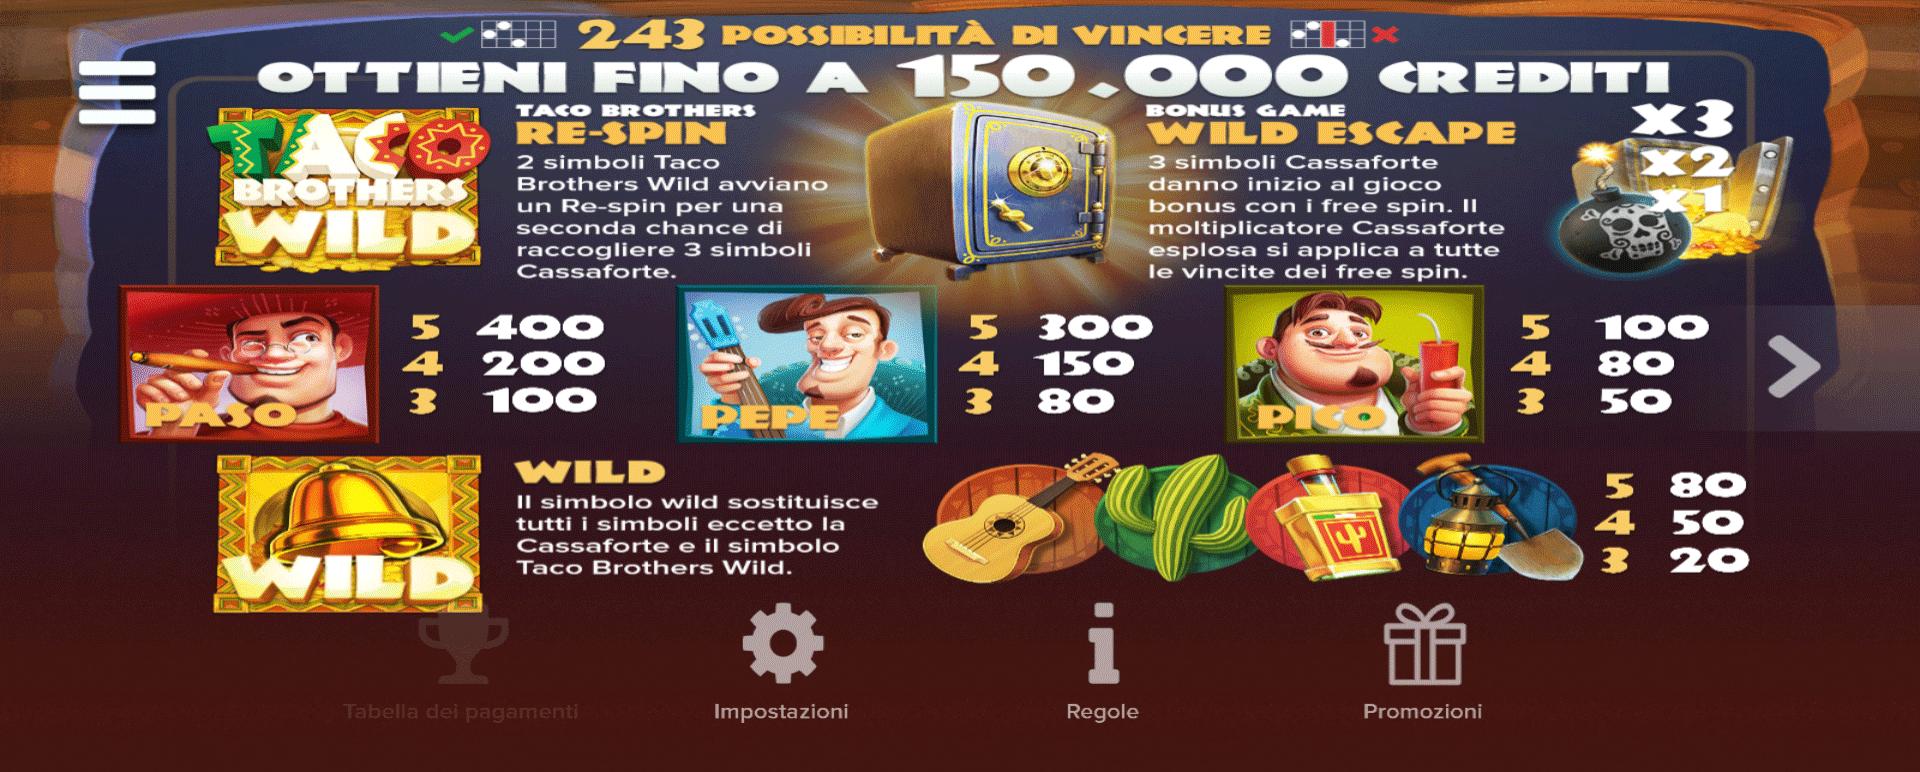 tabella dei simboli della slot machine taco brothers